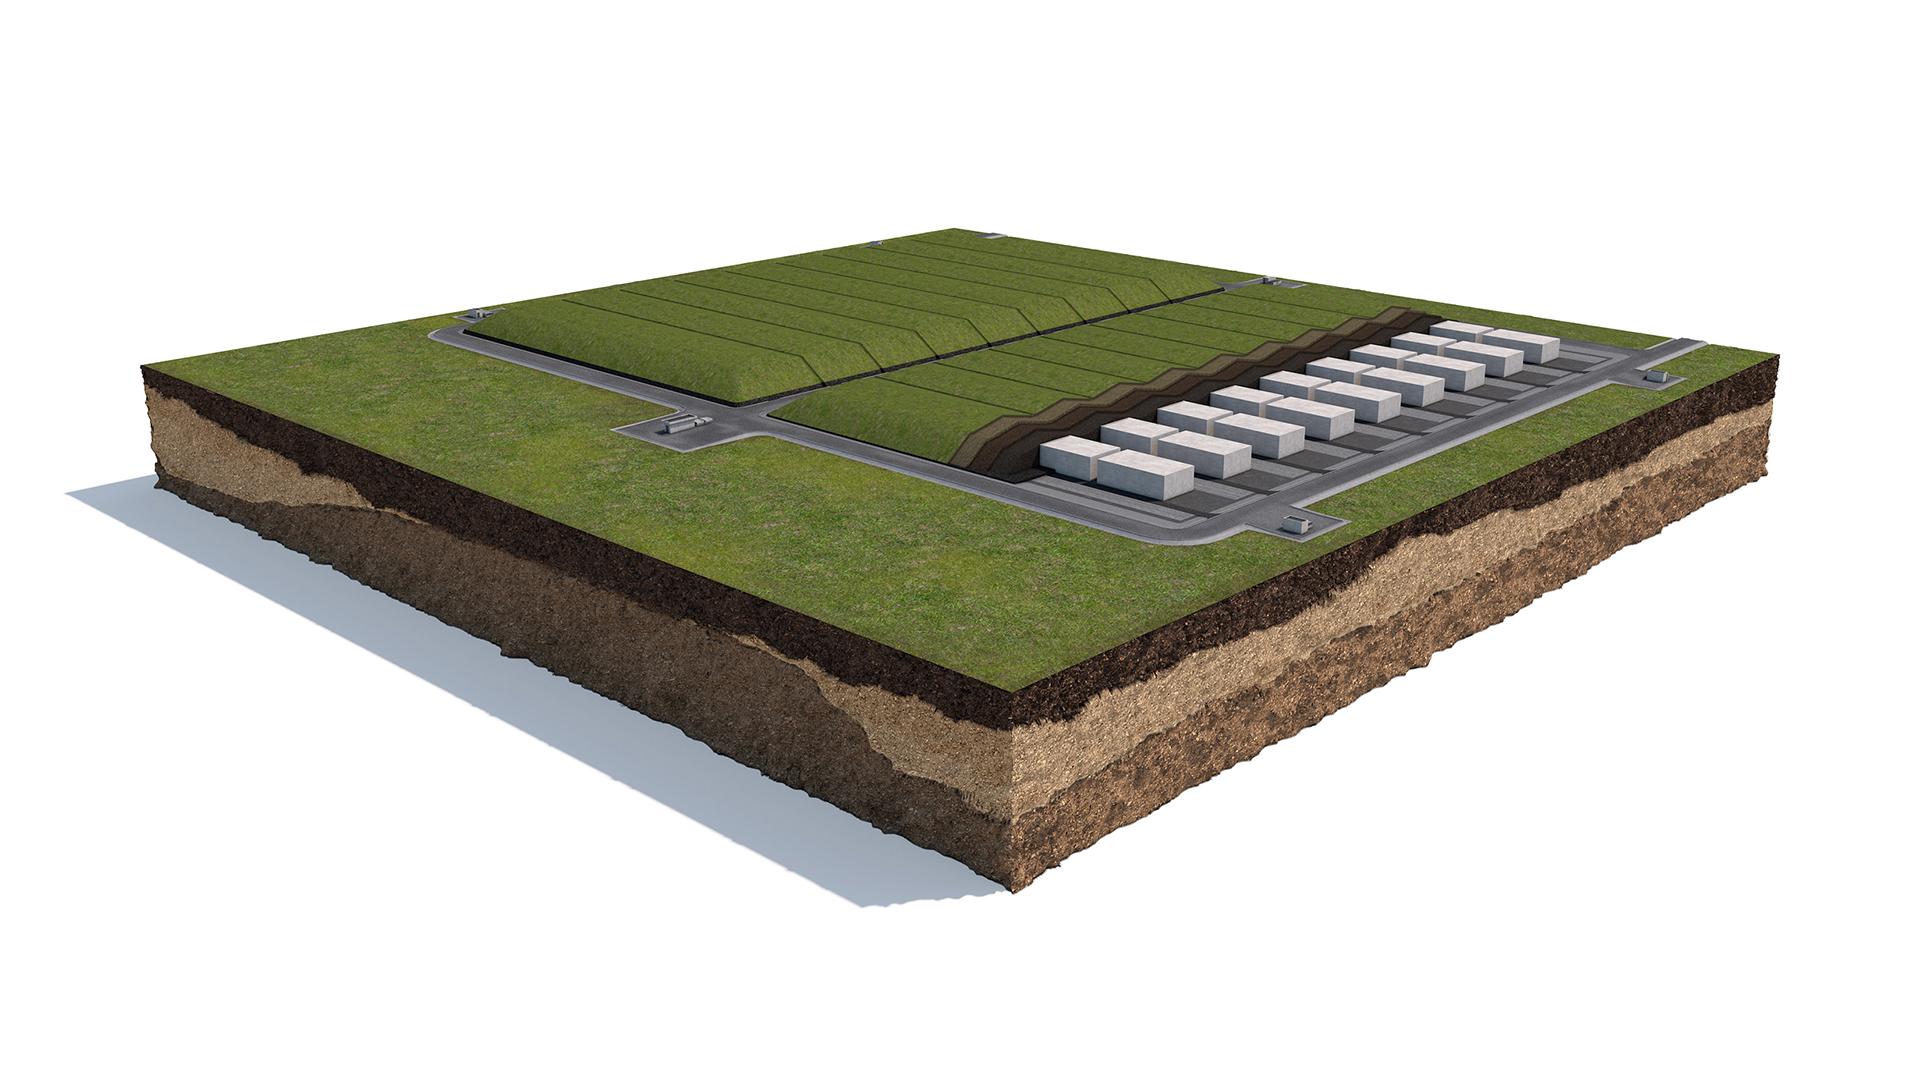 Quarta barriera di protezione del Deposito Nazionale: la collina multistrato